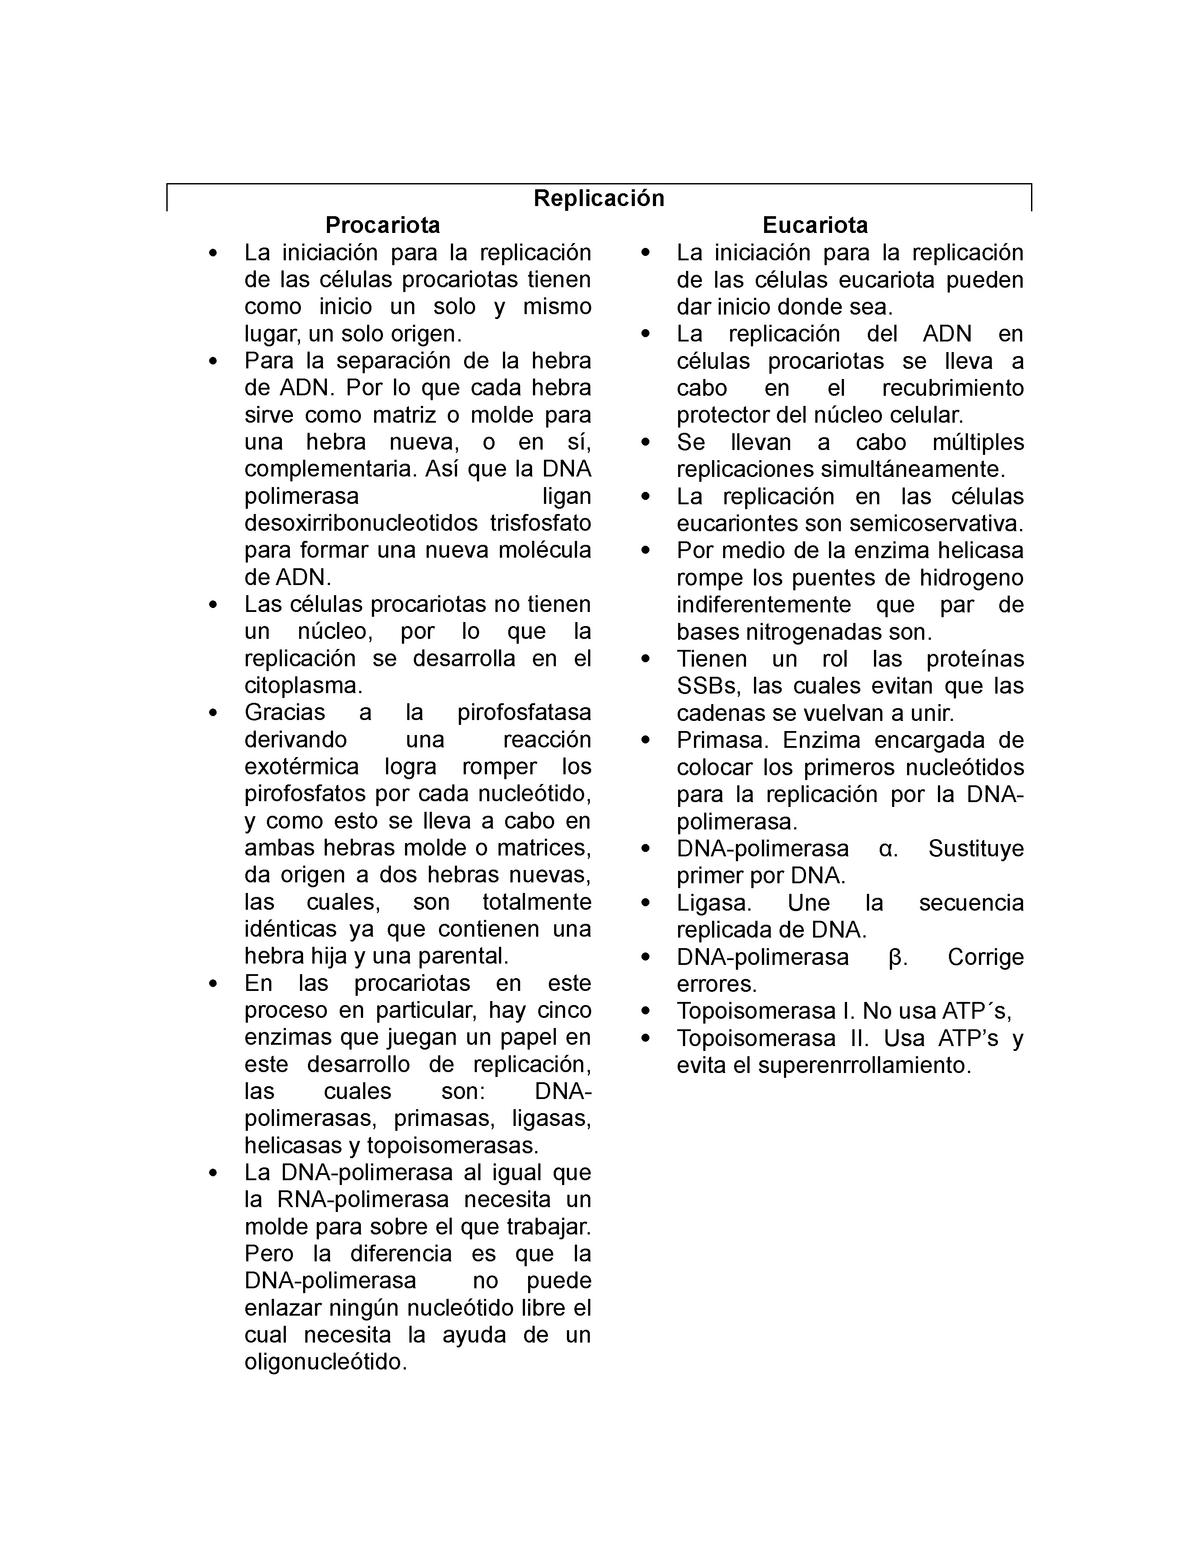 Tabla Comparativa Celula Eucariota Y Procariota En La